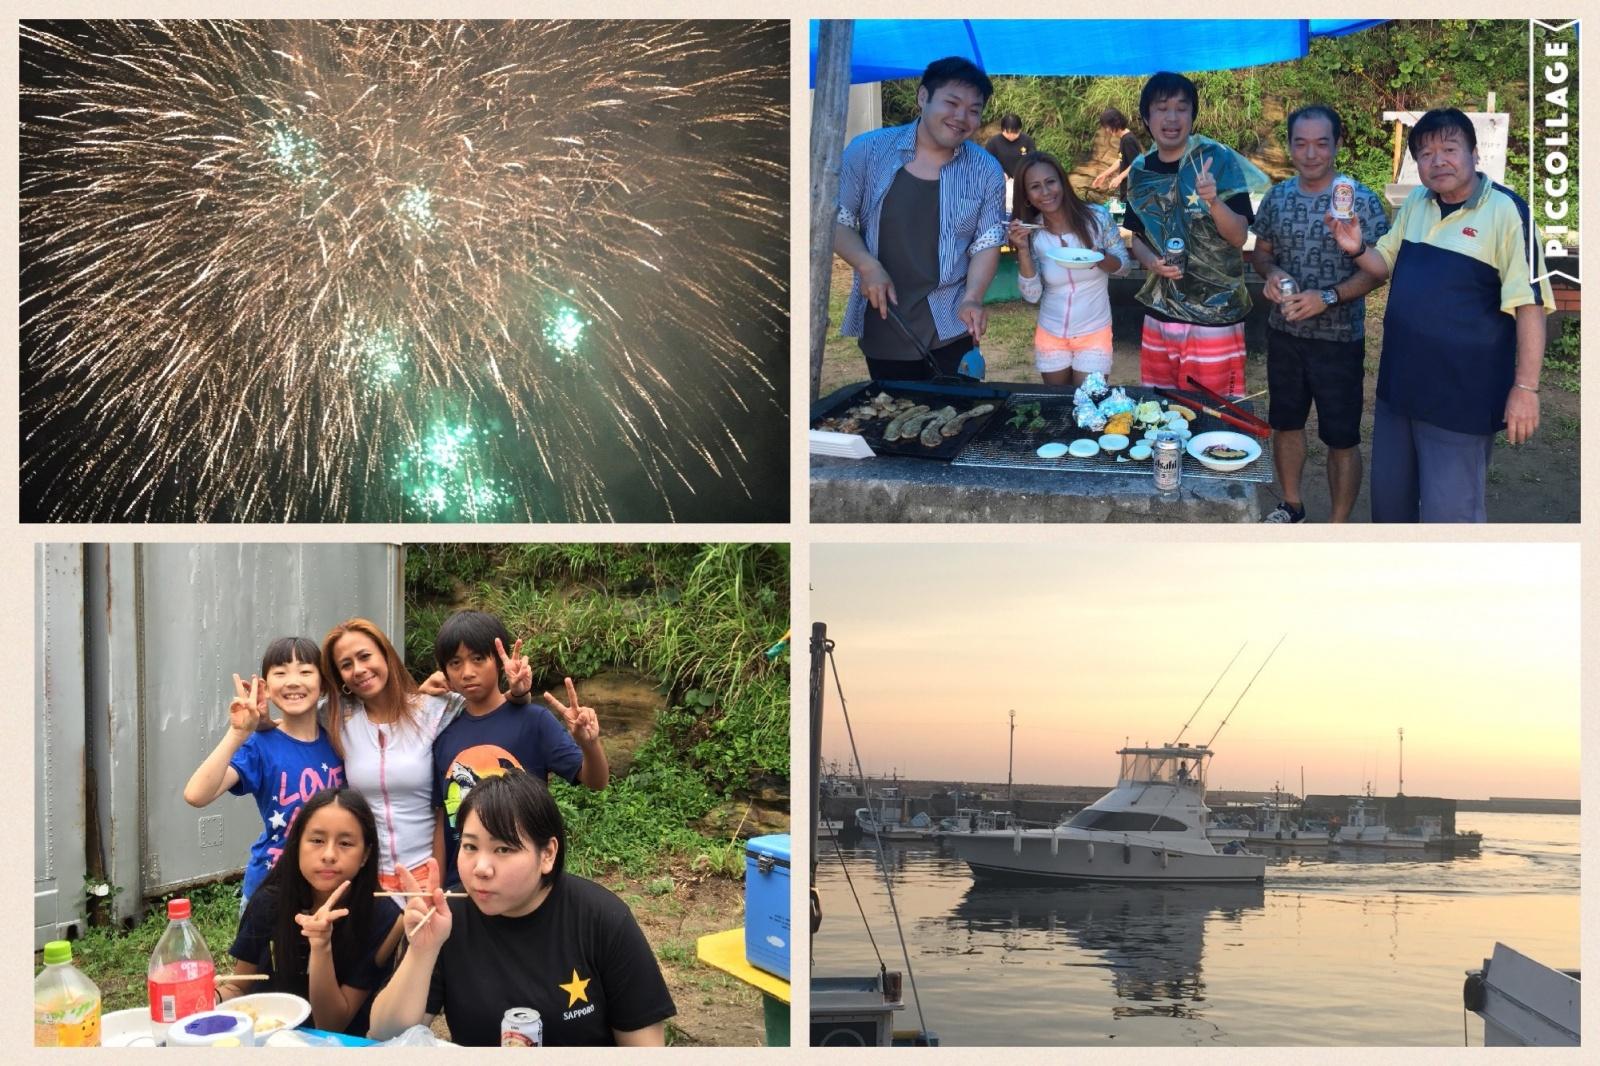 7月9日 日間賀島祇園祭り&花火大会!